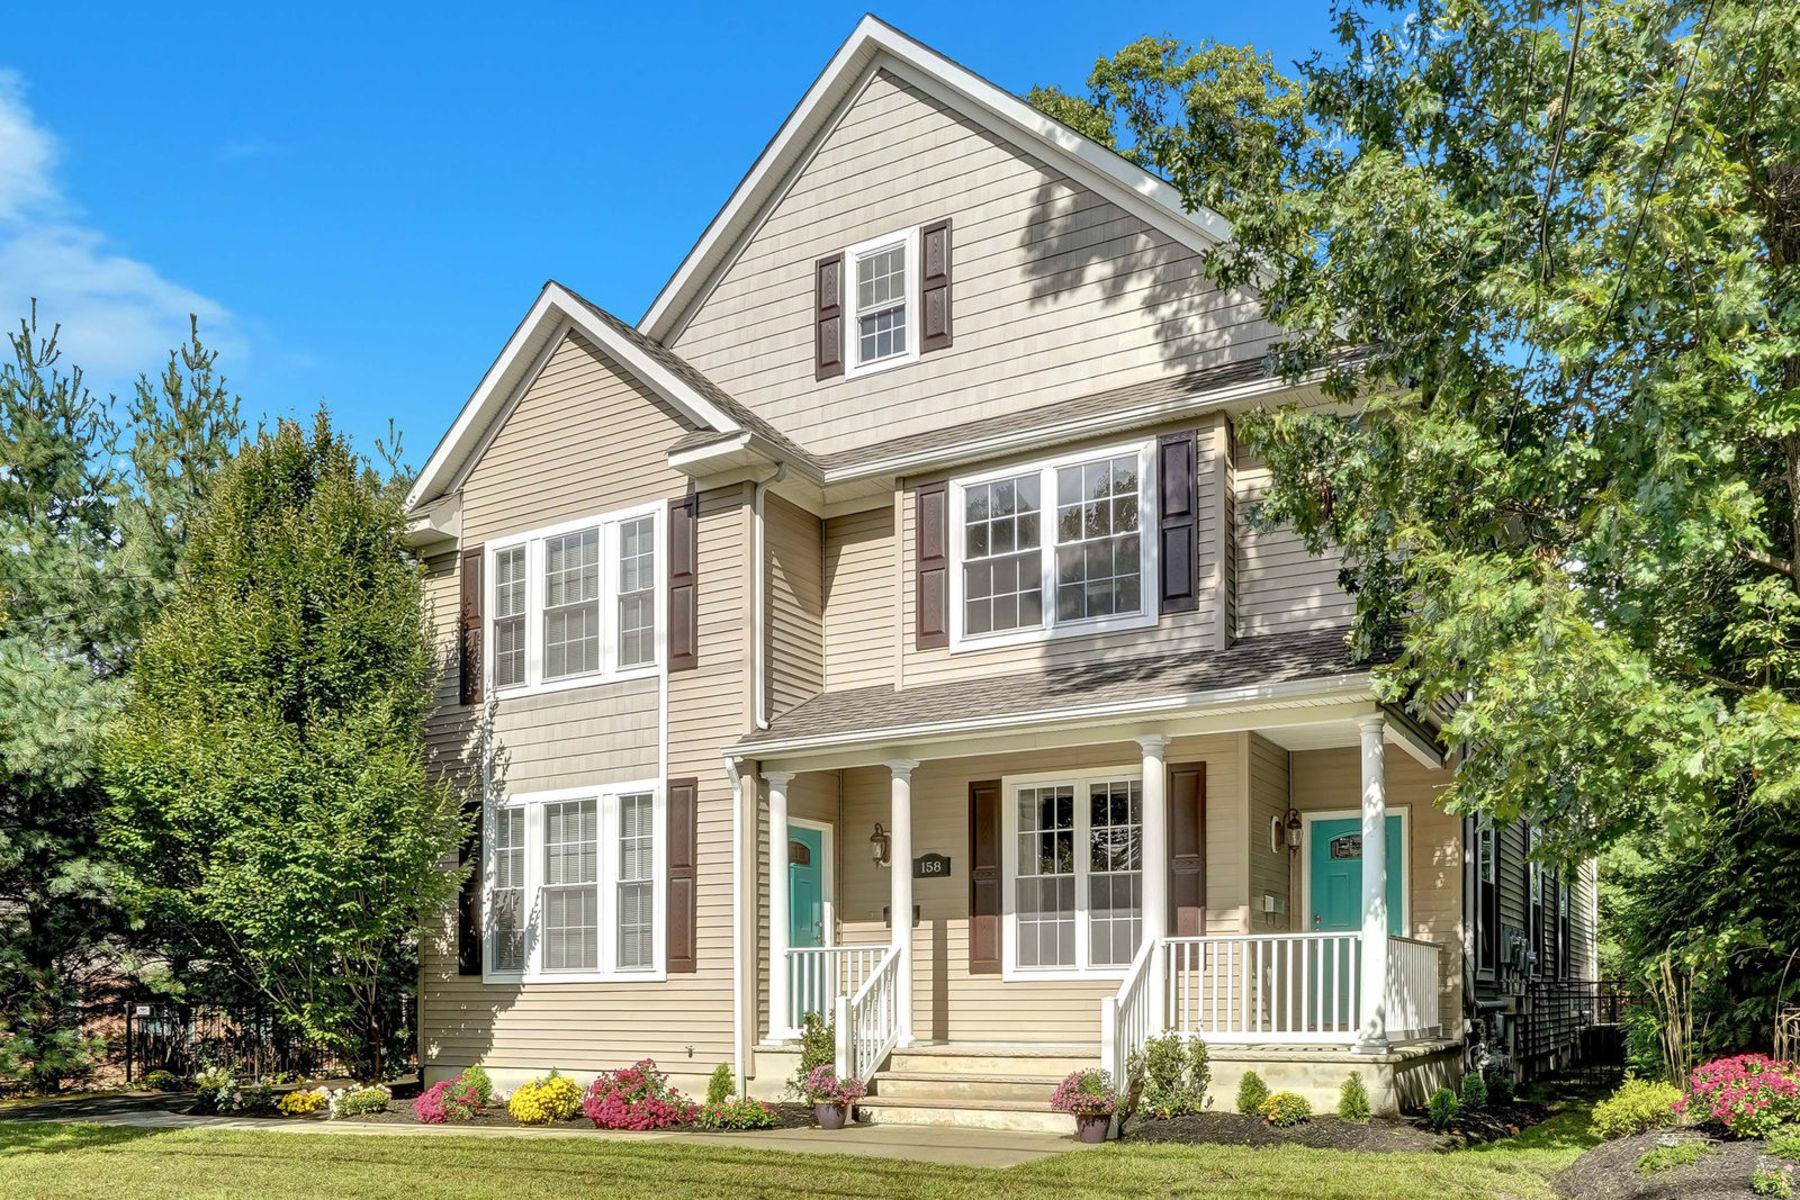 Кондоминиум для того Продажа на Magnificent Multi Level Condo 158 Newman Springs Road Unit B, Red Bank, Нью-Джерси 07701 Соединенные Штаты